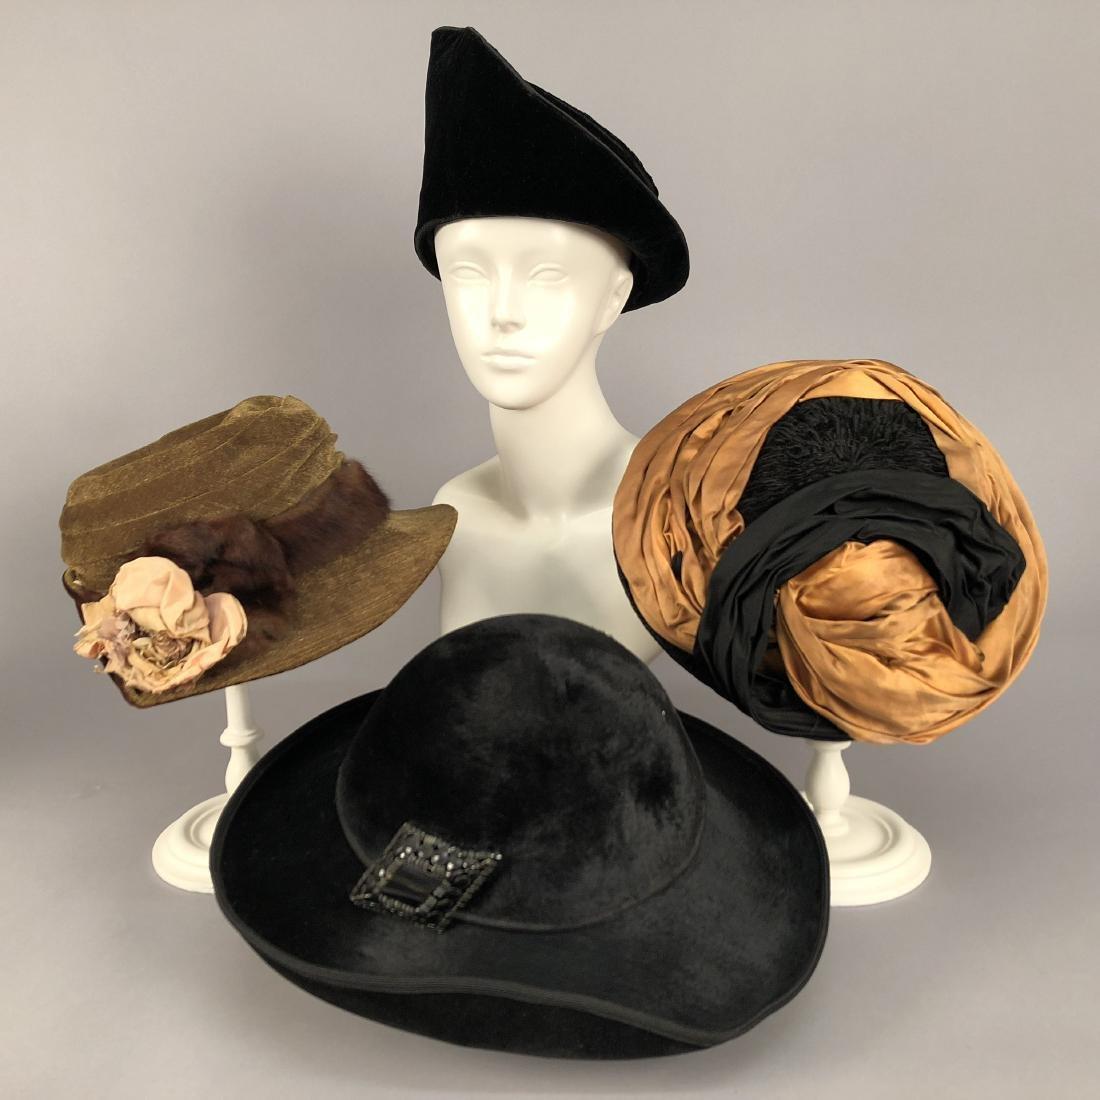 FOUR VELVET HATS, 1914 - 1918